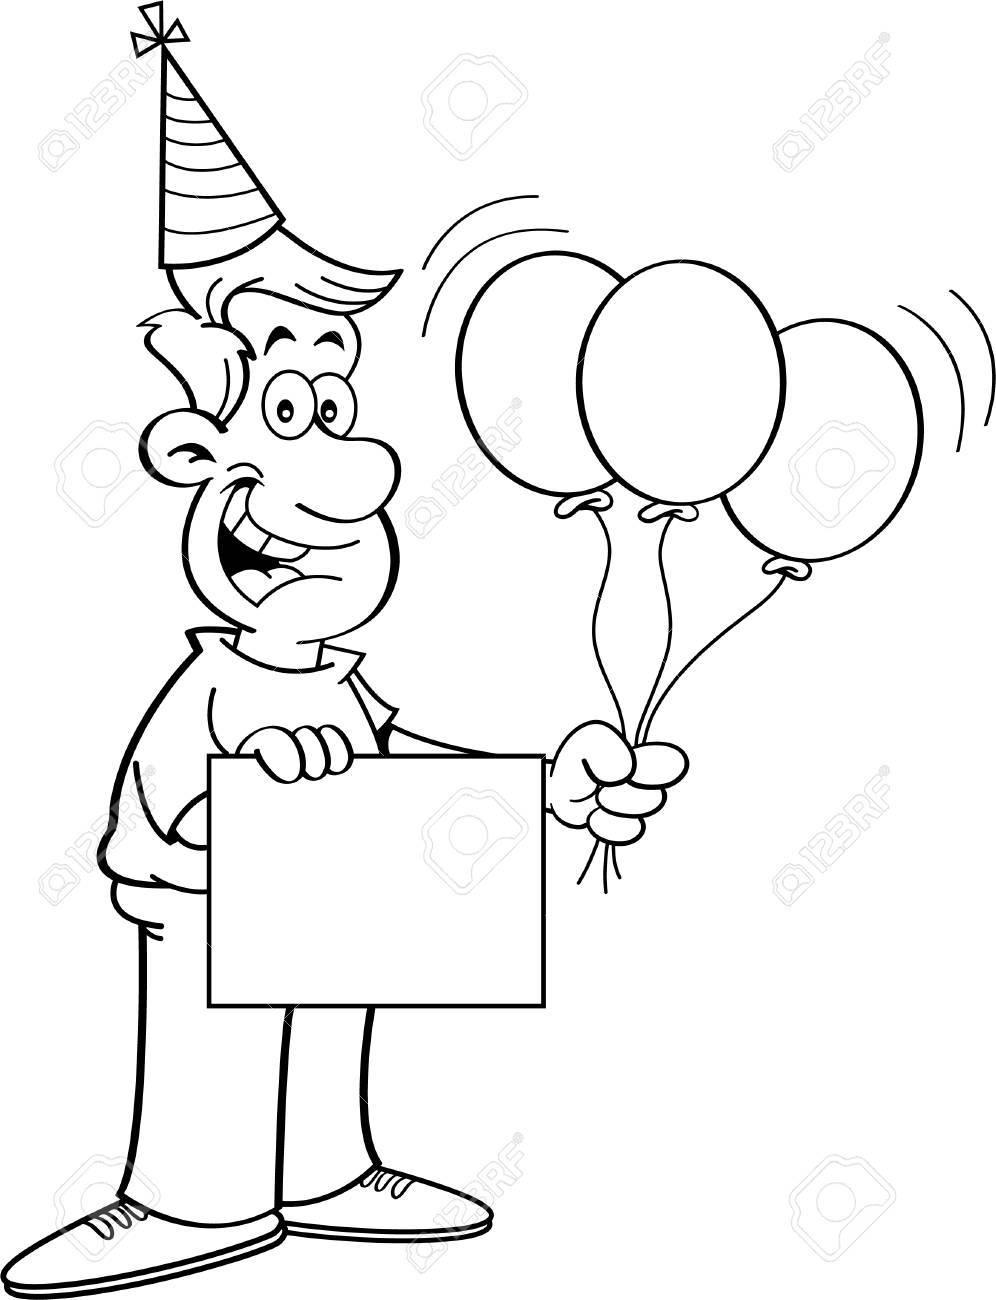 Schwarzweiss-Abbildung Eines Mannes Halten Ballons Und Ein Zeichen ...